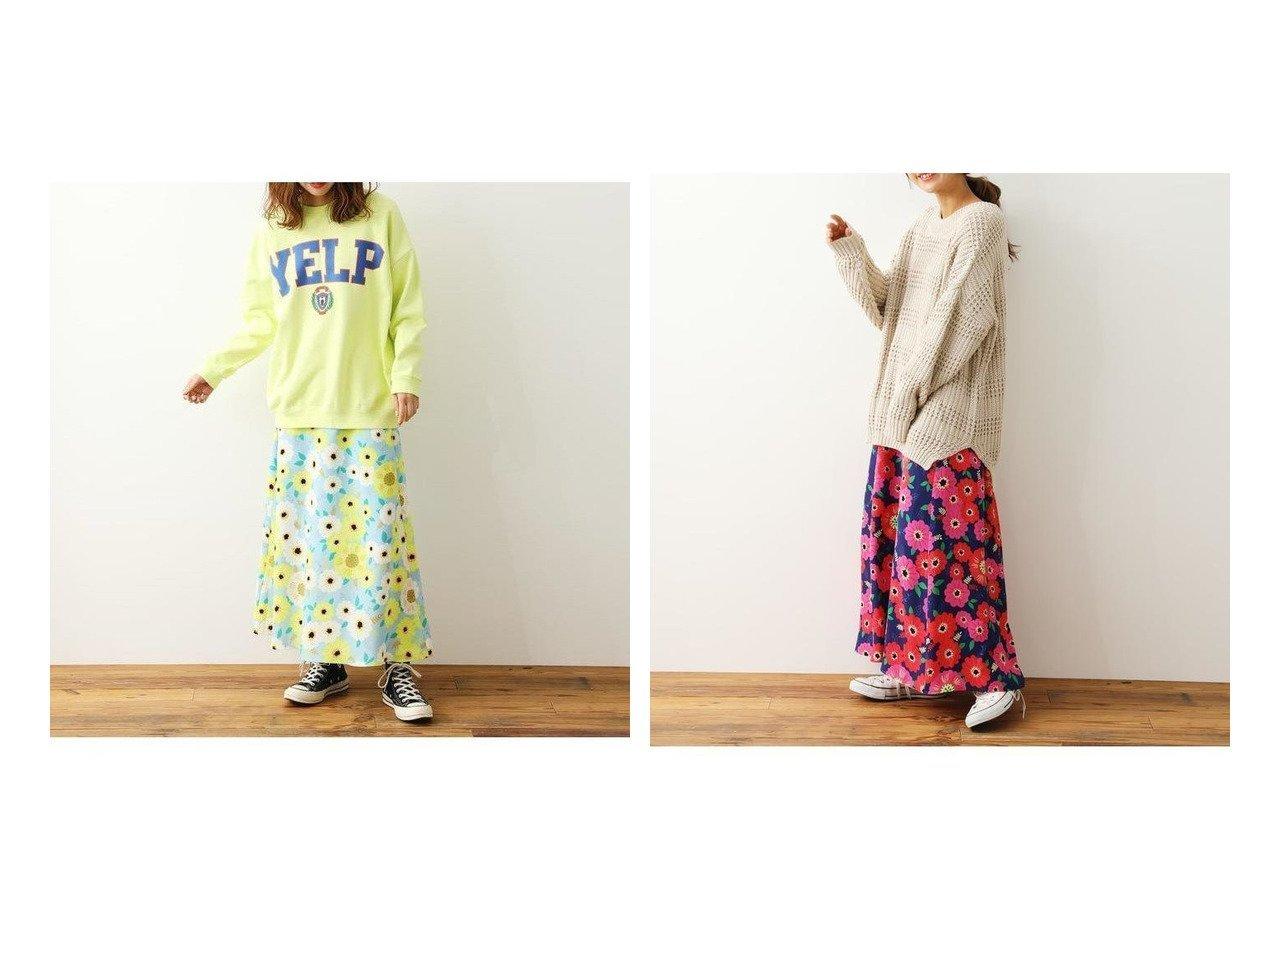 【RODEO CROWNS WIDE BOWL/ロデオクラウンズワイドボウル】のPoppy Bloomスカート スカートのおすすめ!人気、トレンド・レディースファッションの通販 おすすめで人気の流行・トレンド、ファッションの通販商品 メンズファッション・キッズファッション・インテリア・家具・レディースファッション・服の通販 founy(ファニー) https://founy.com/ ファッション Fashion レディースファッション WOMEN スカート Skirt NEW・新作・新着・新入荷 New Arrivals フレア プリント 楽ちん |ID:crp329100000022491